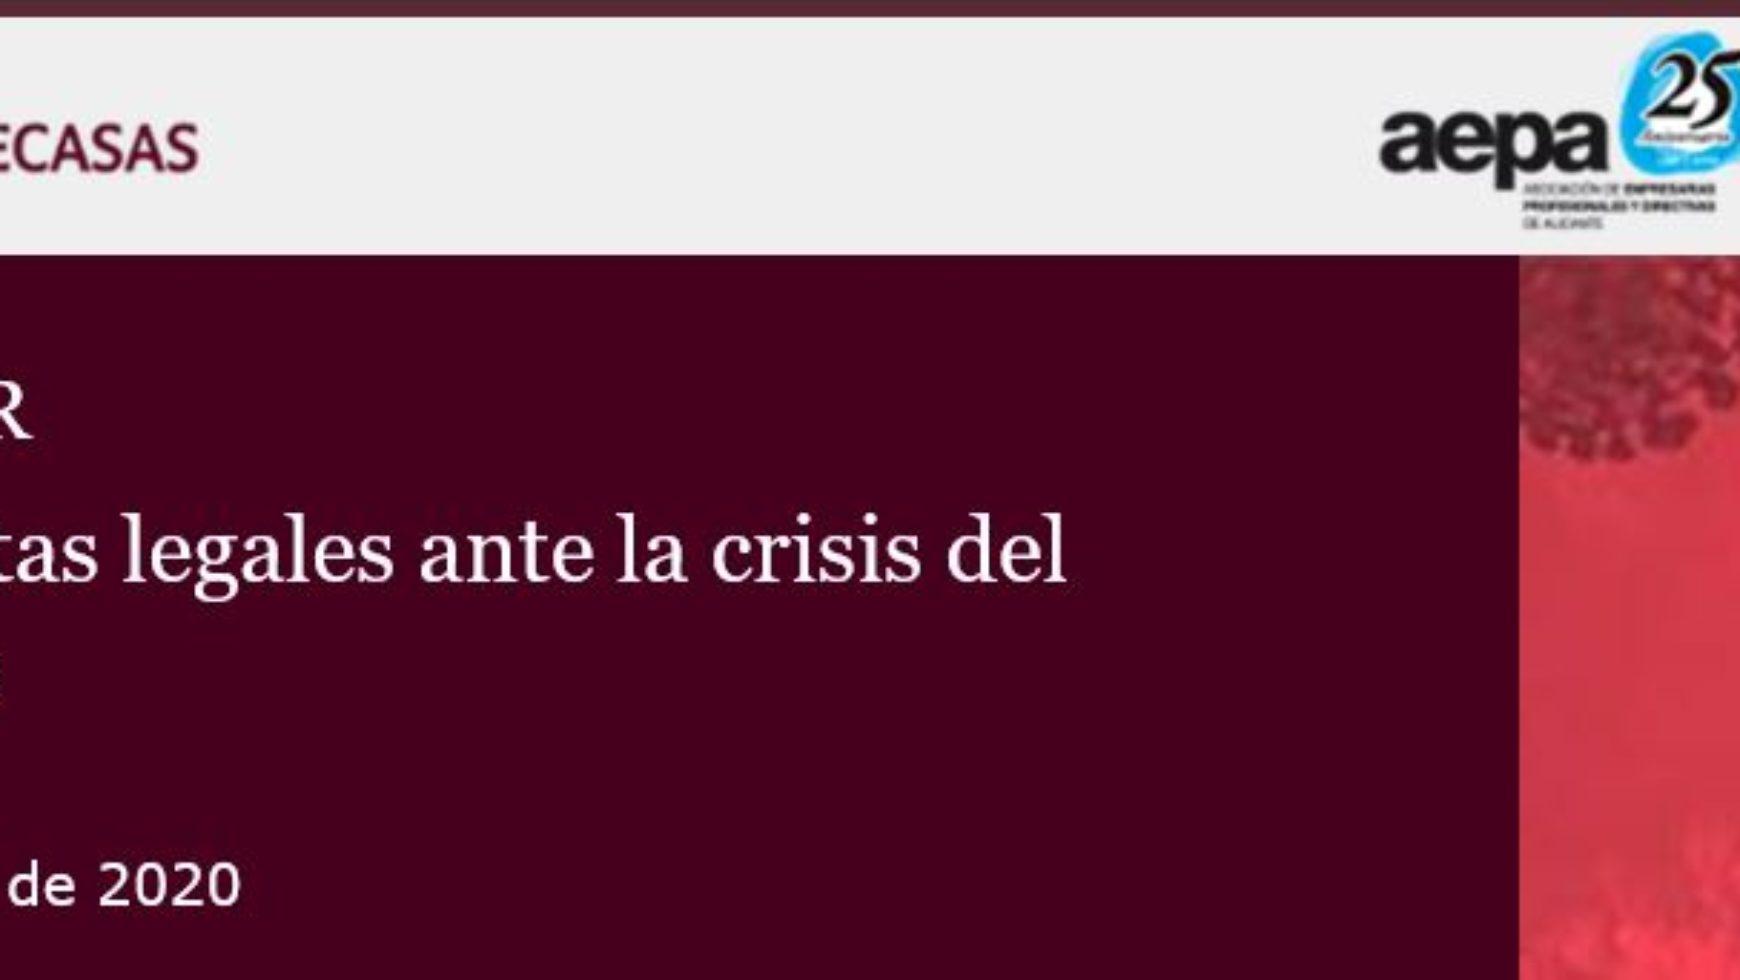 Respuestas legales ante la crisis del Covid-19